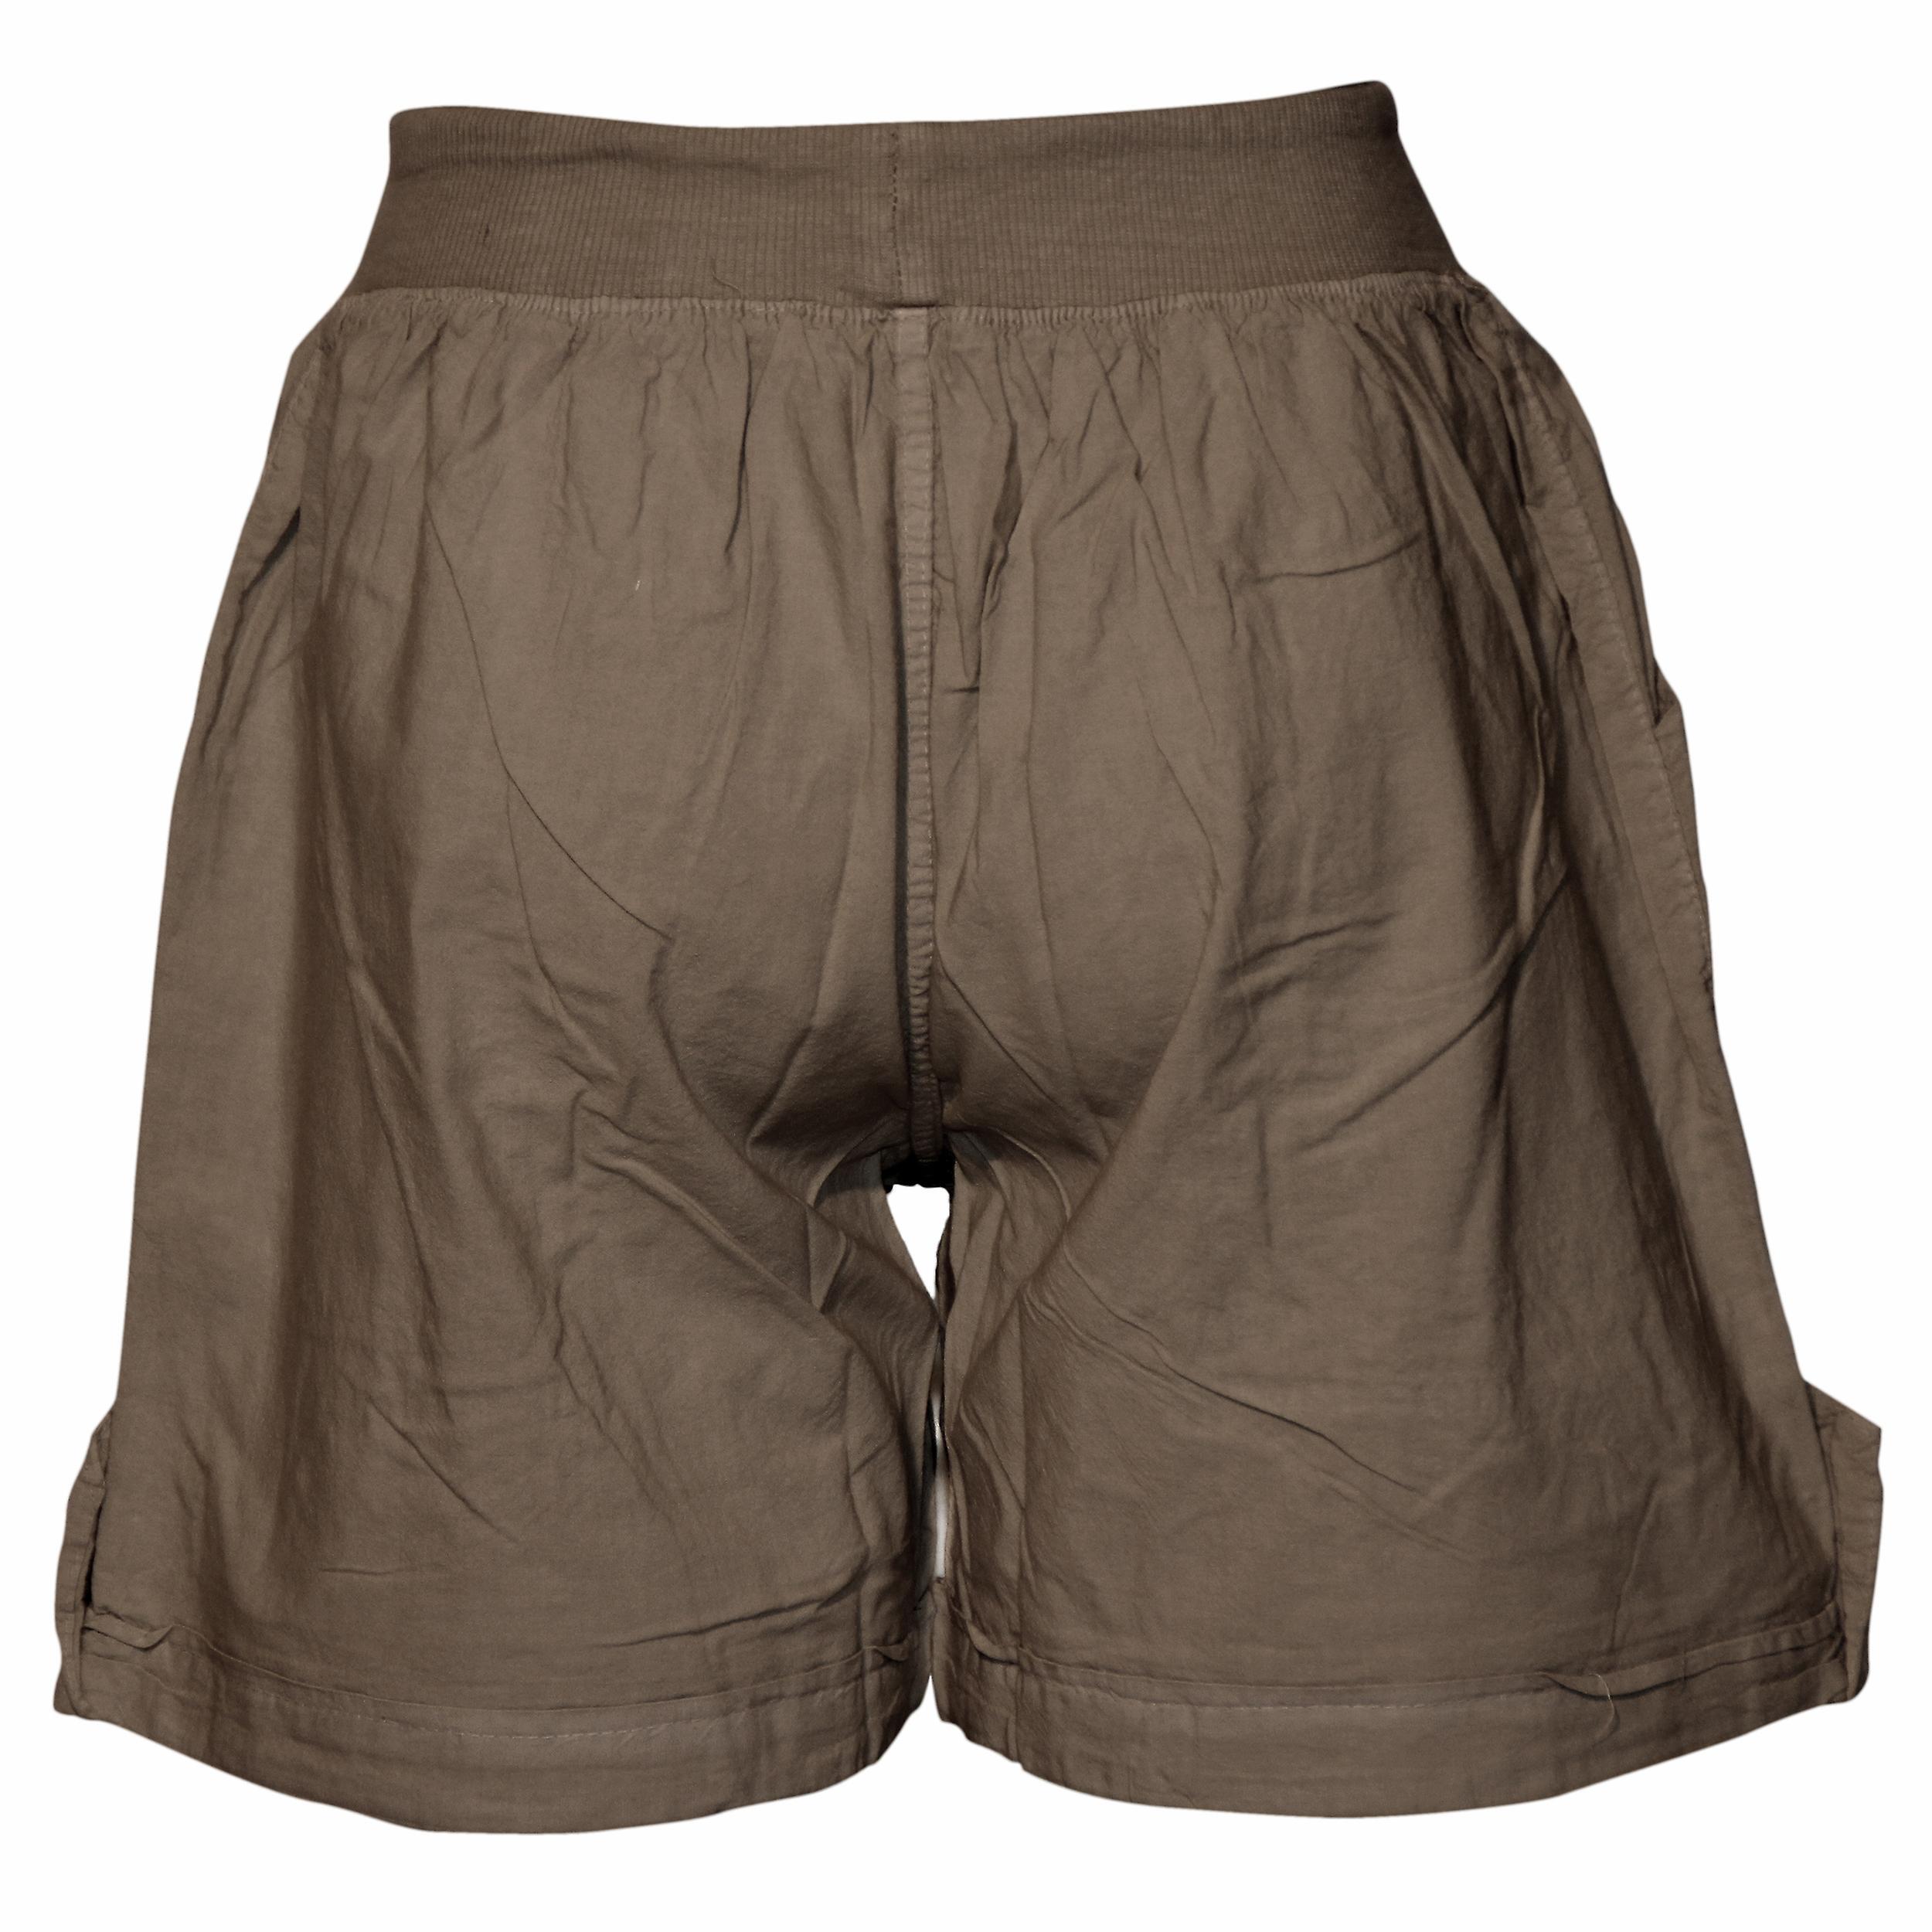 Waooh - Mode - Short En Coton Iva